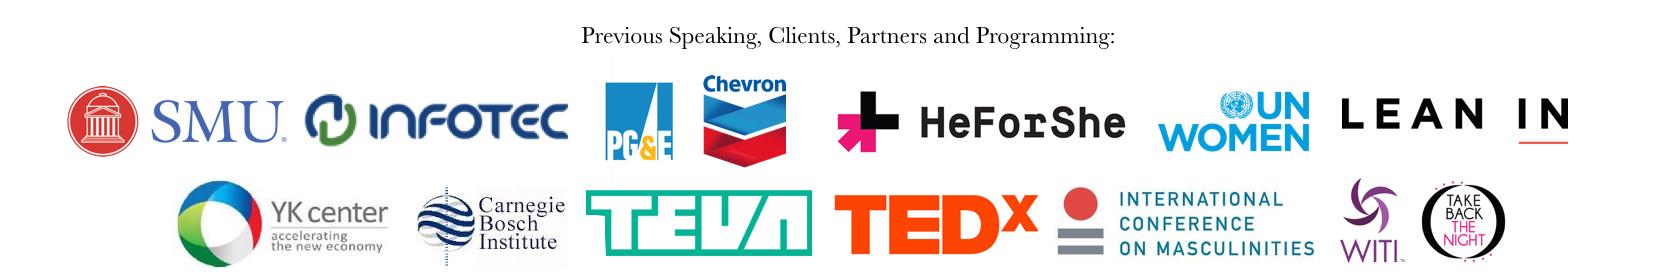 Speaking Logos.001.jpeg